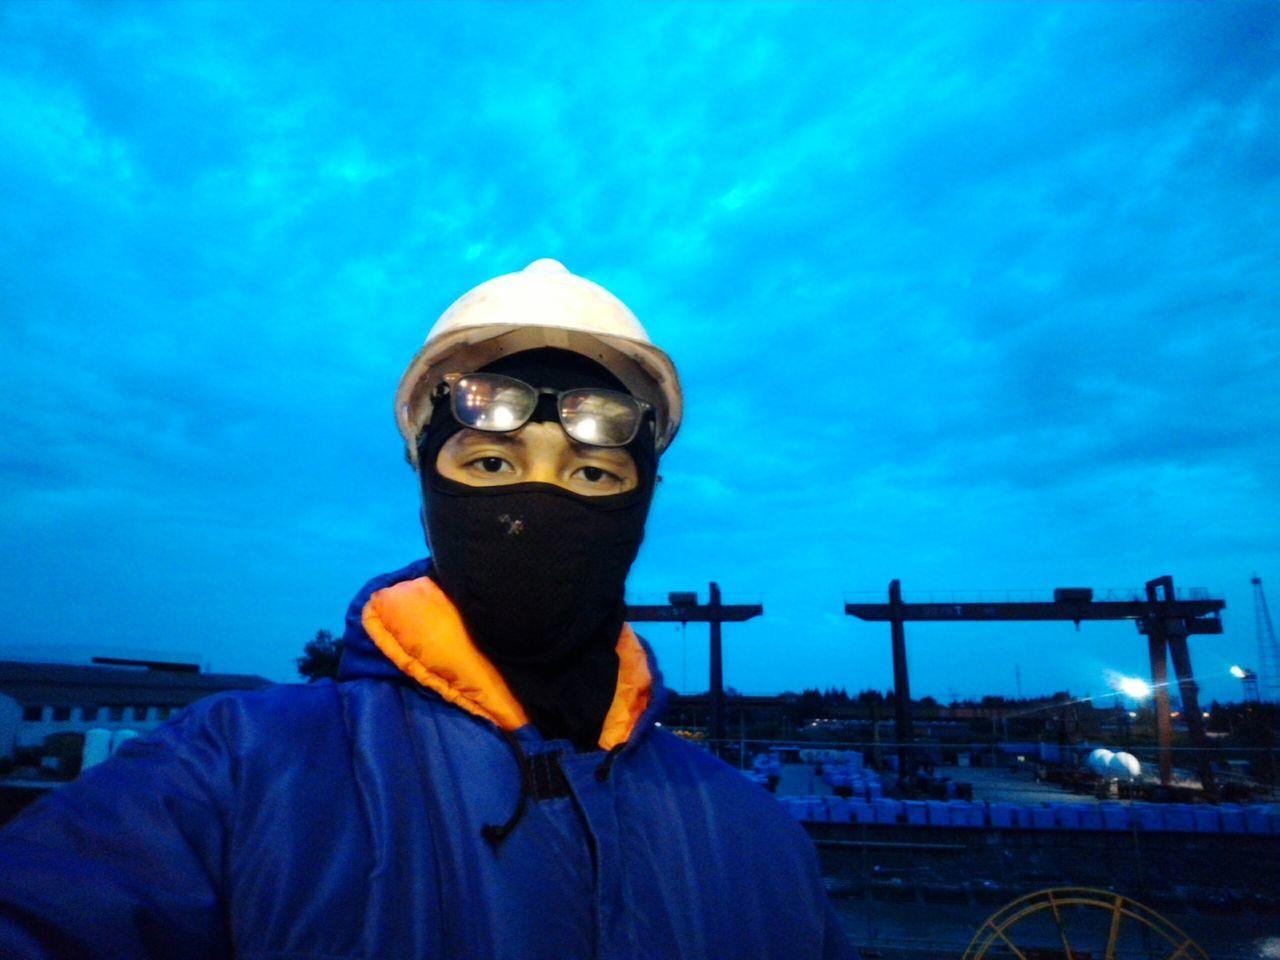 Goodmorning EyeEm  EyeemPhilippines Shanghai,China Drydock Have A Nice Day Bluesky Seamanlife Marino Checkthisout Like4like